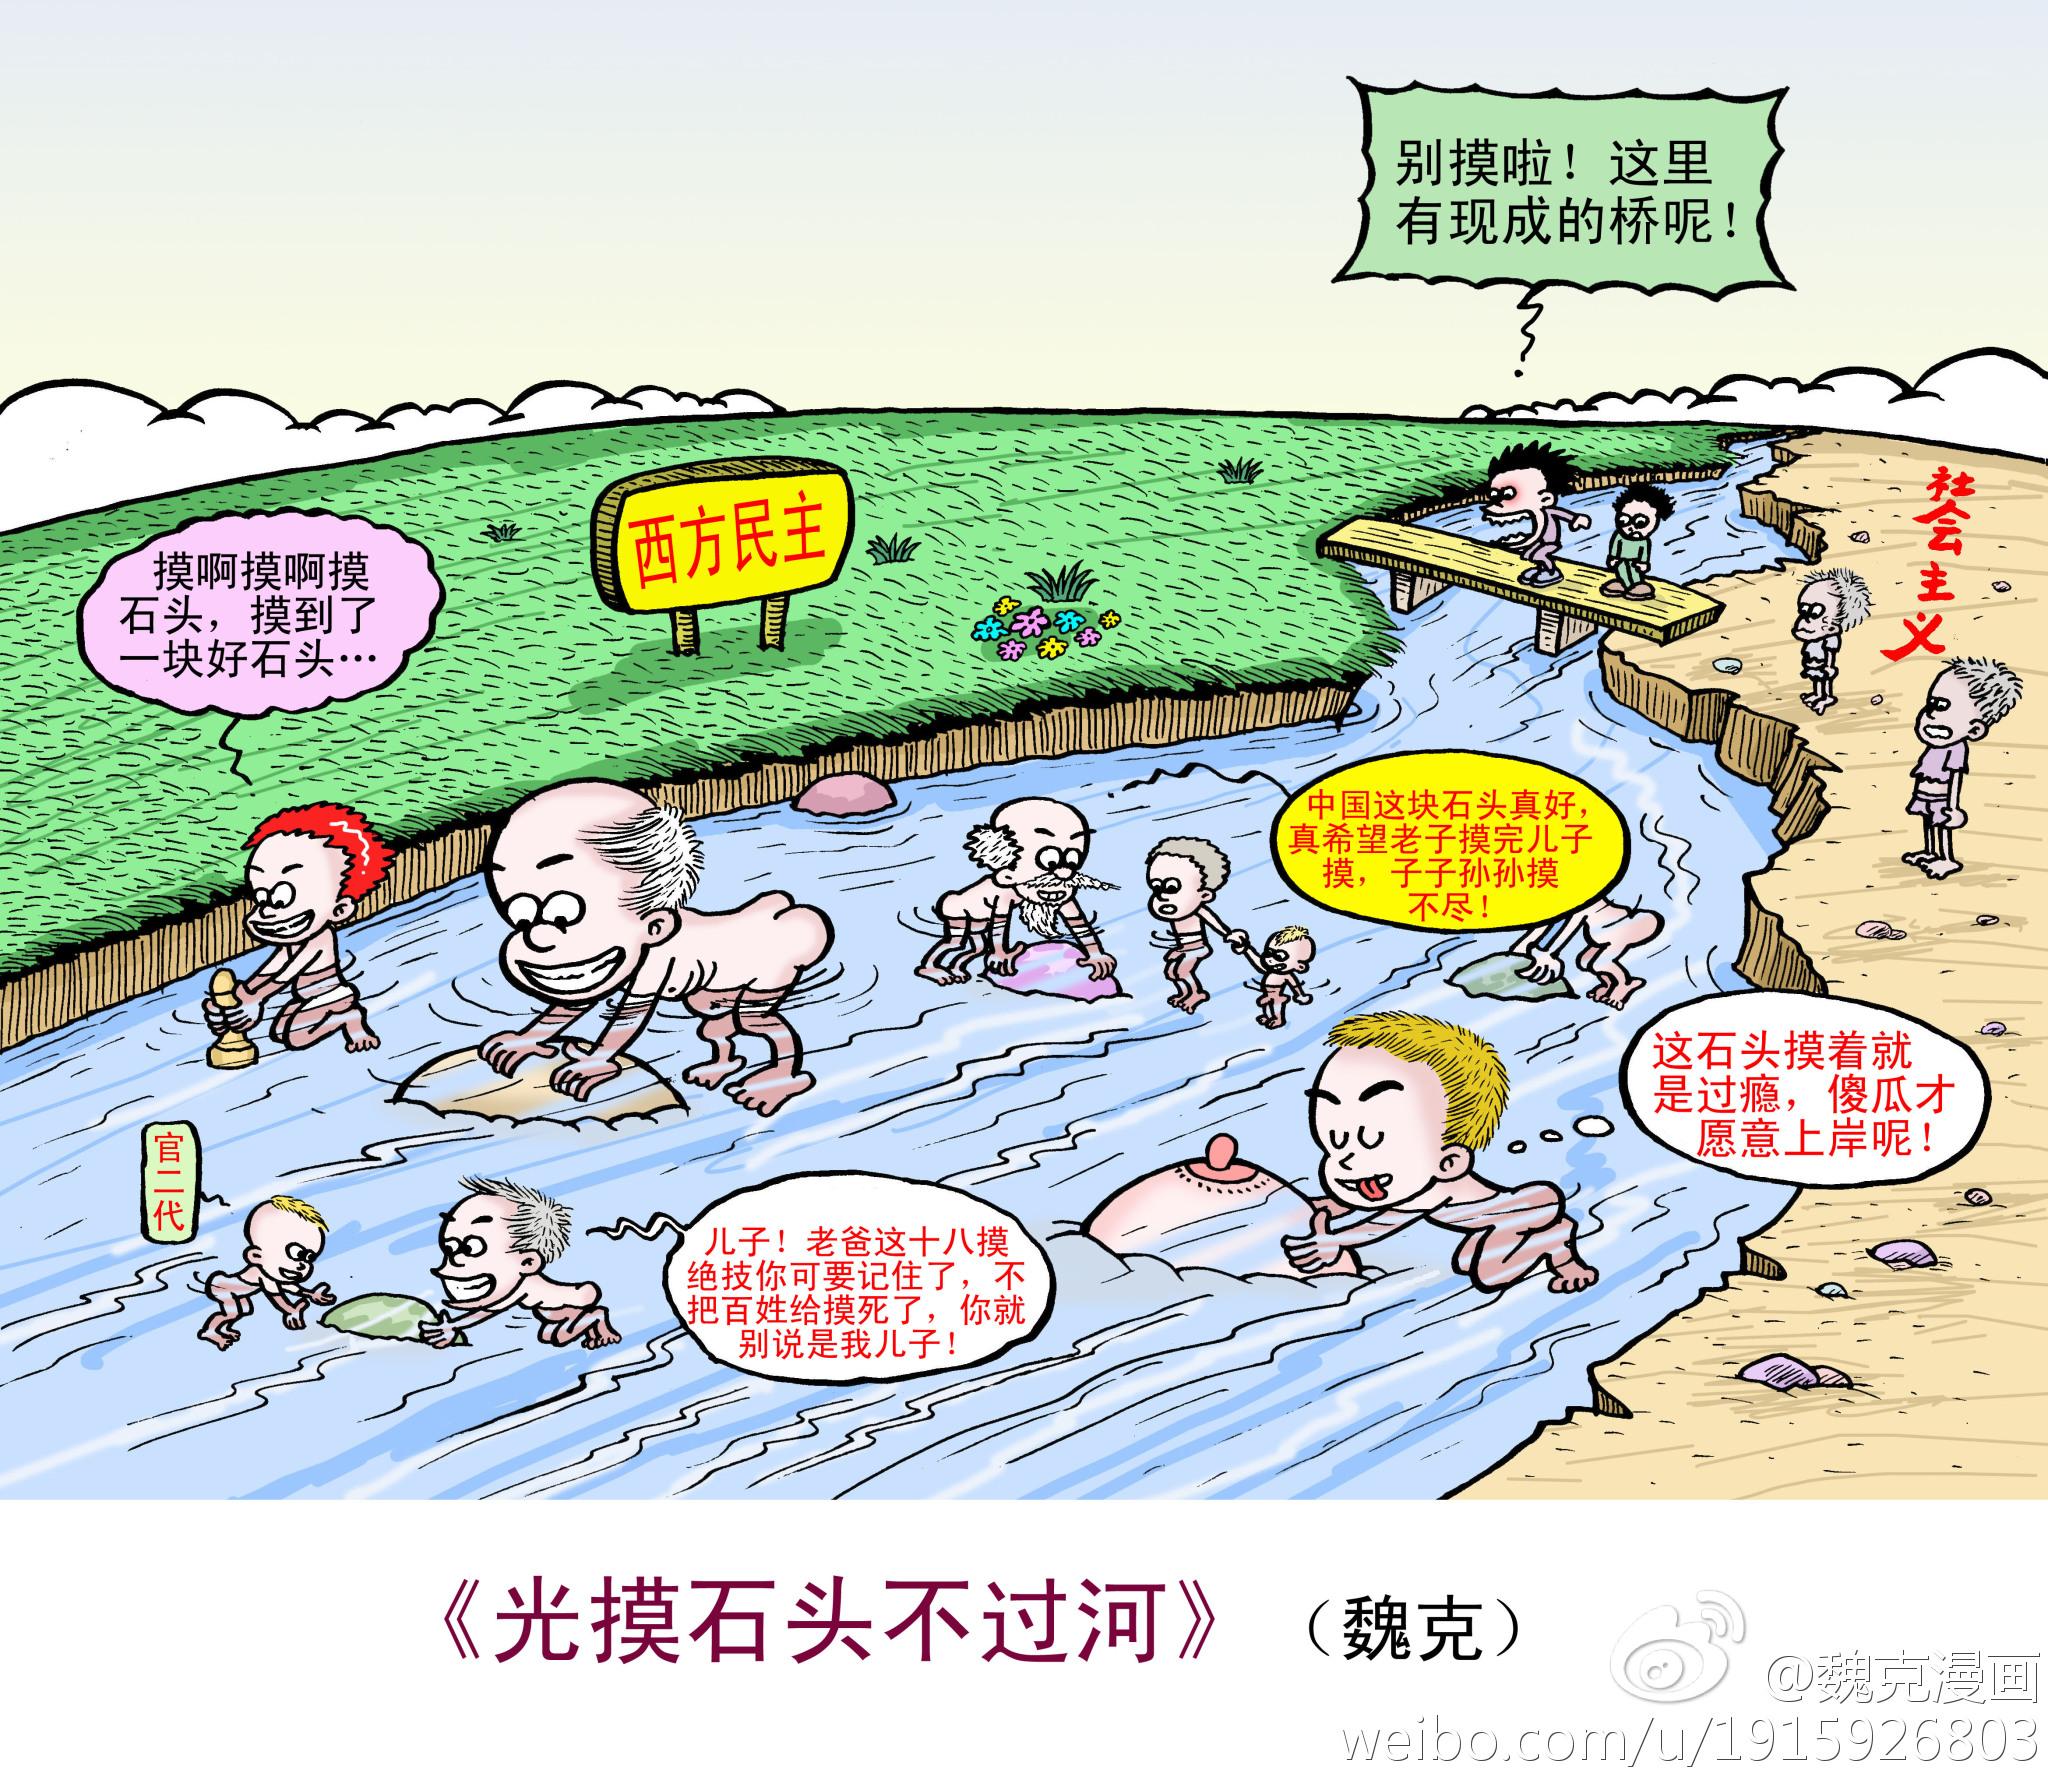 【异闻观止】红色文化研究会谈中国梦:必须走正确道路